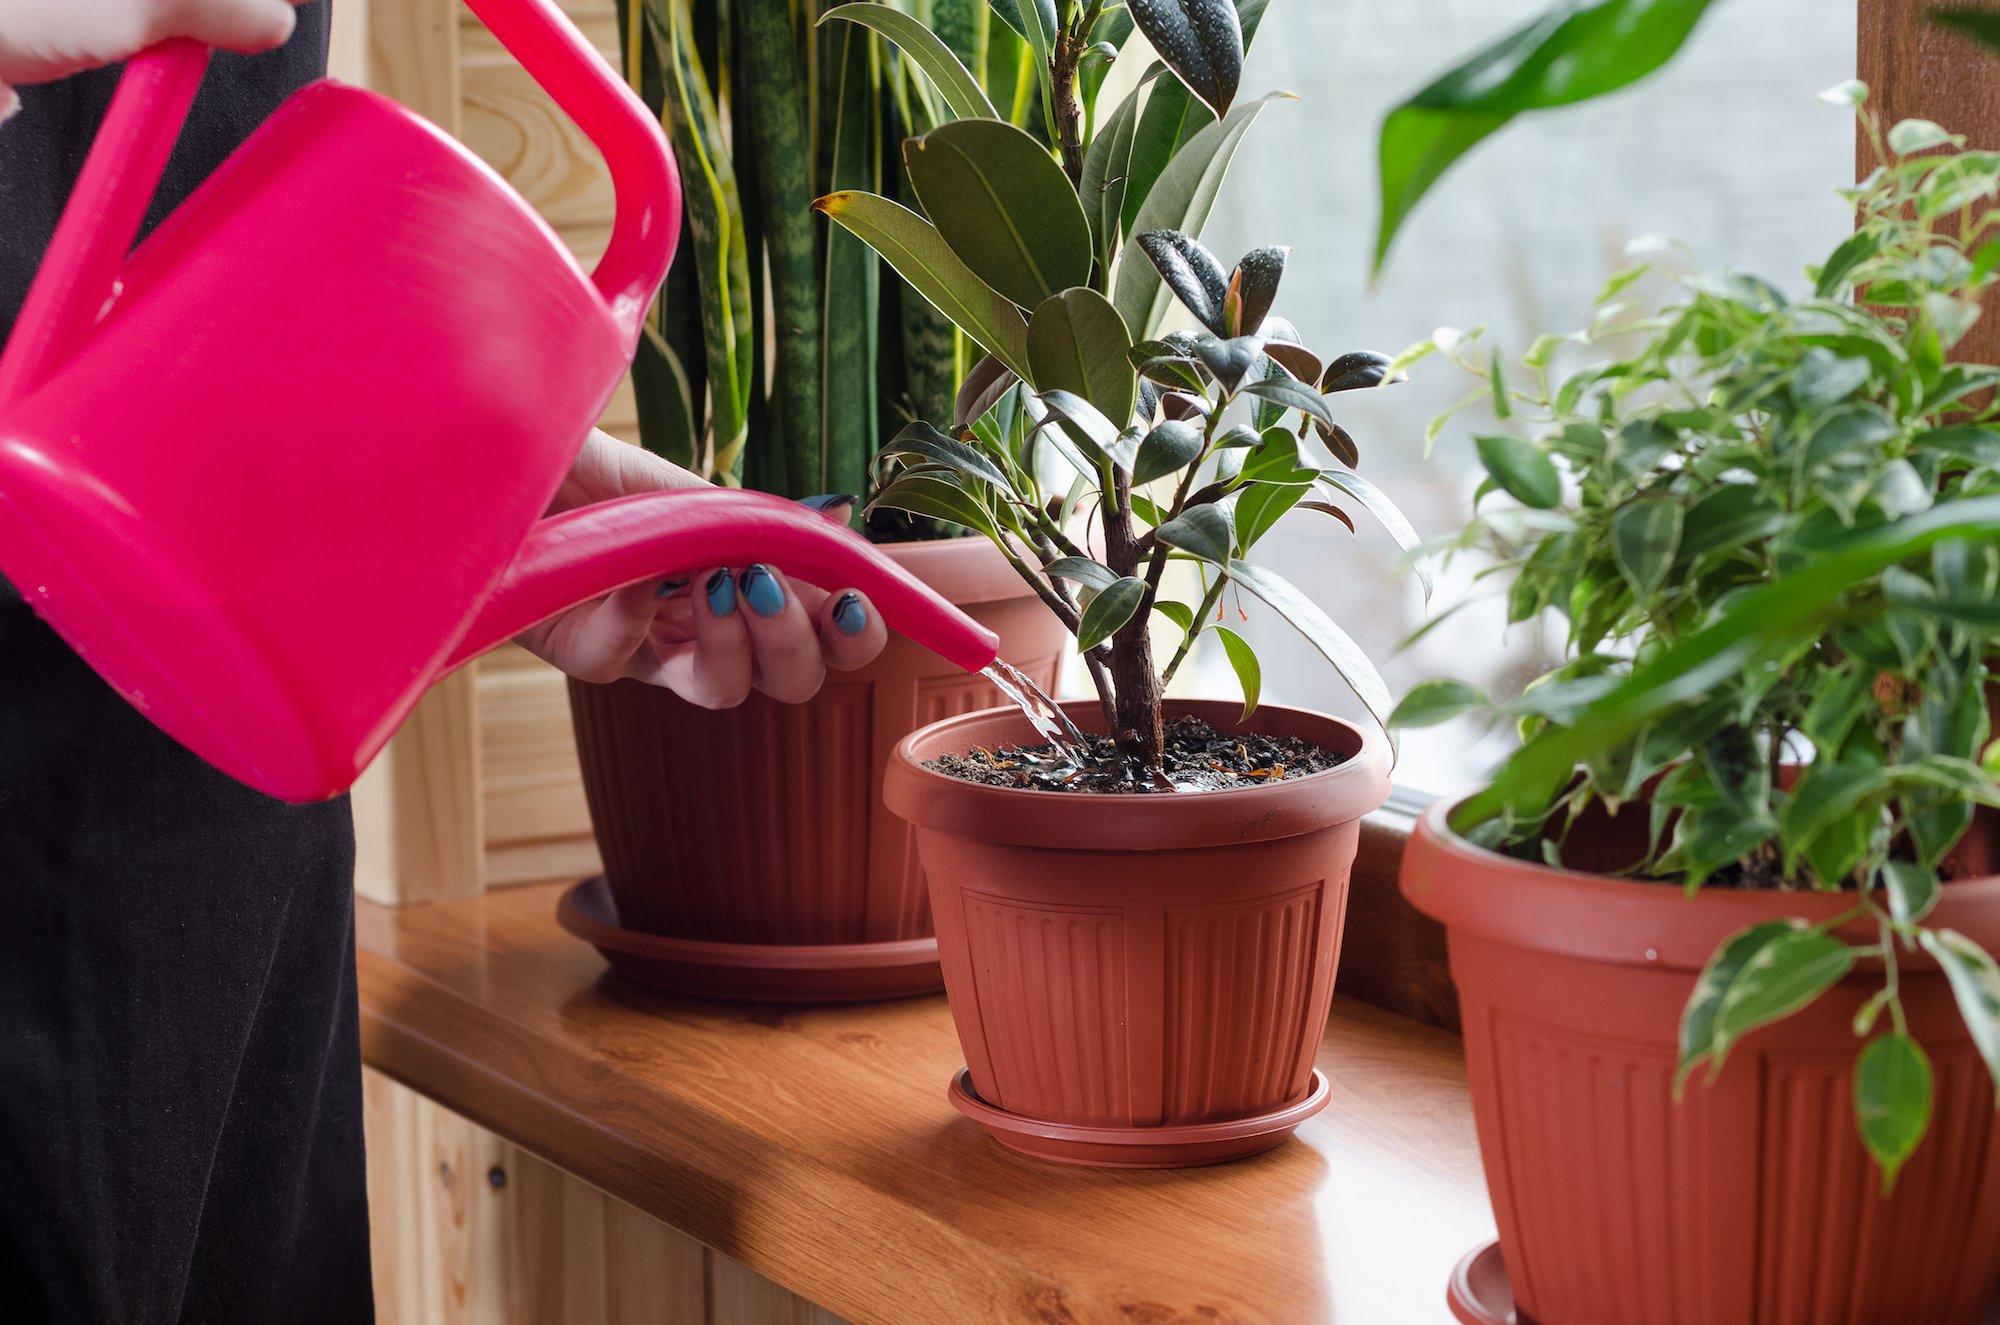 Come Far Morire Una Pianta un esperto di piante da interni rivela un semplice trucco